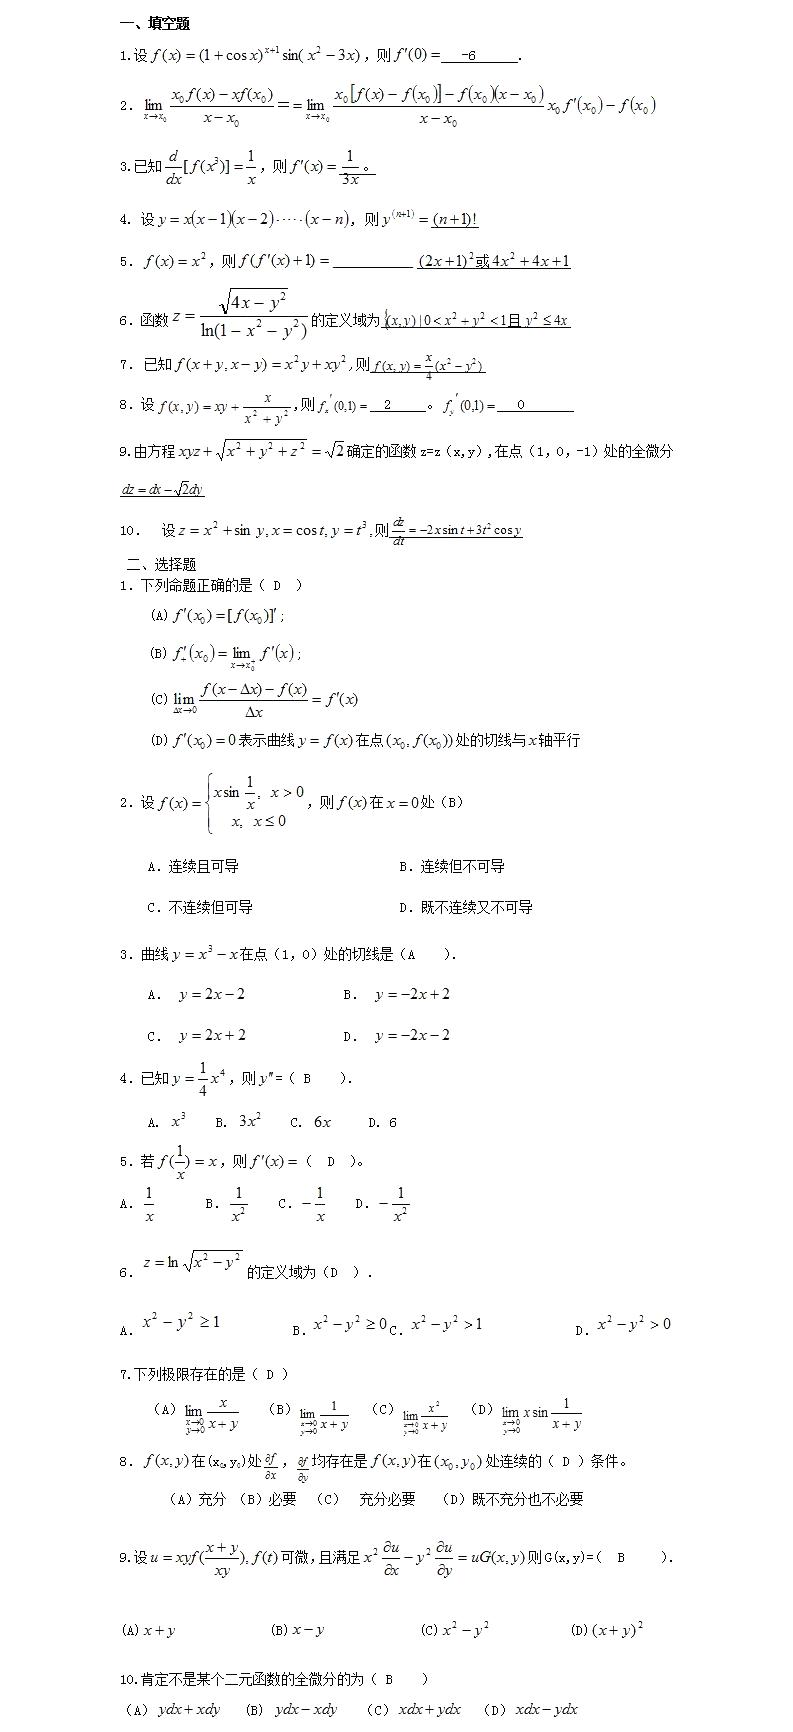 湖北省成人高考高起点《数学》模拟真题及答案解析(7)